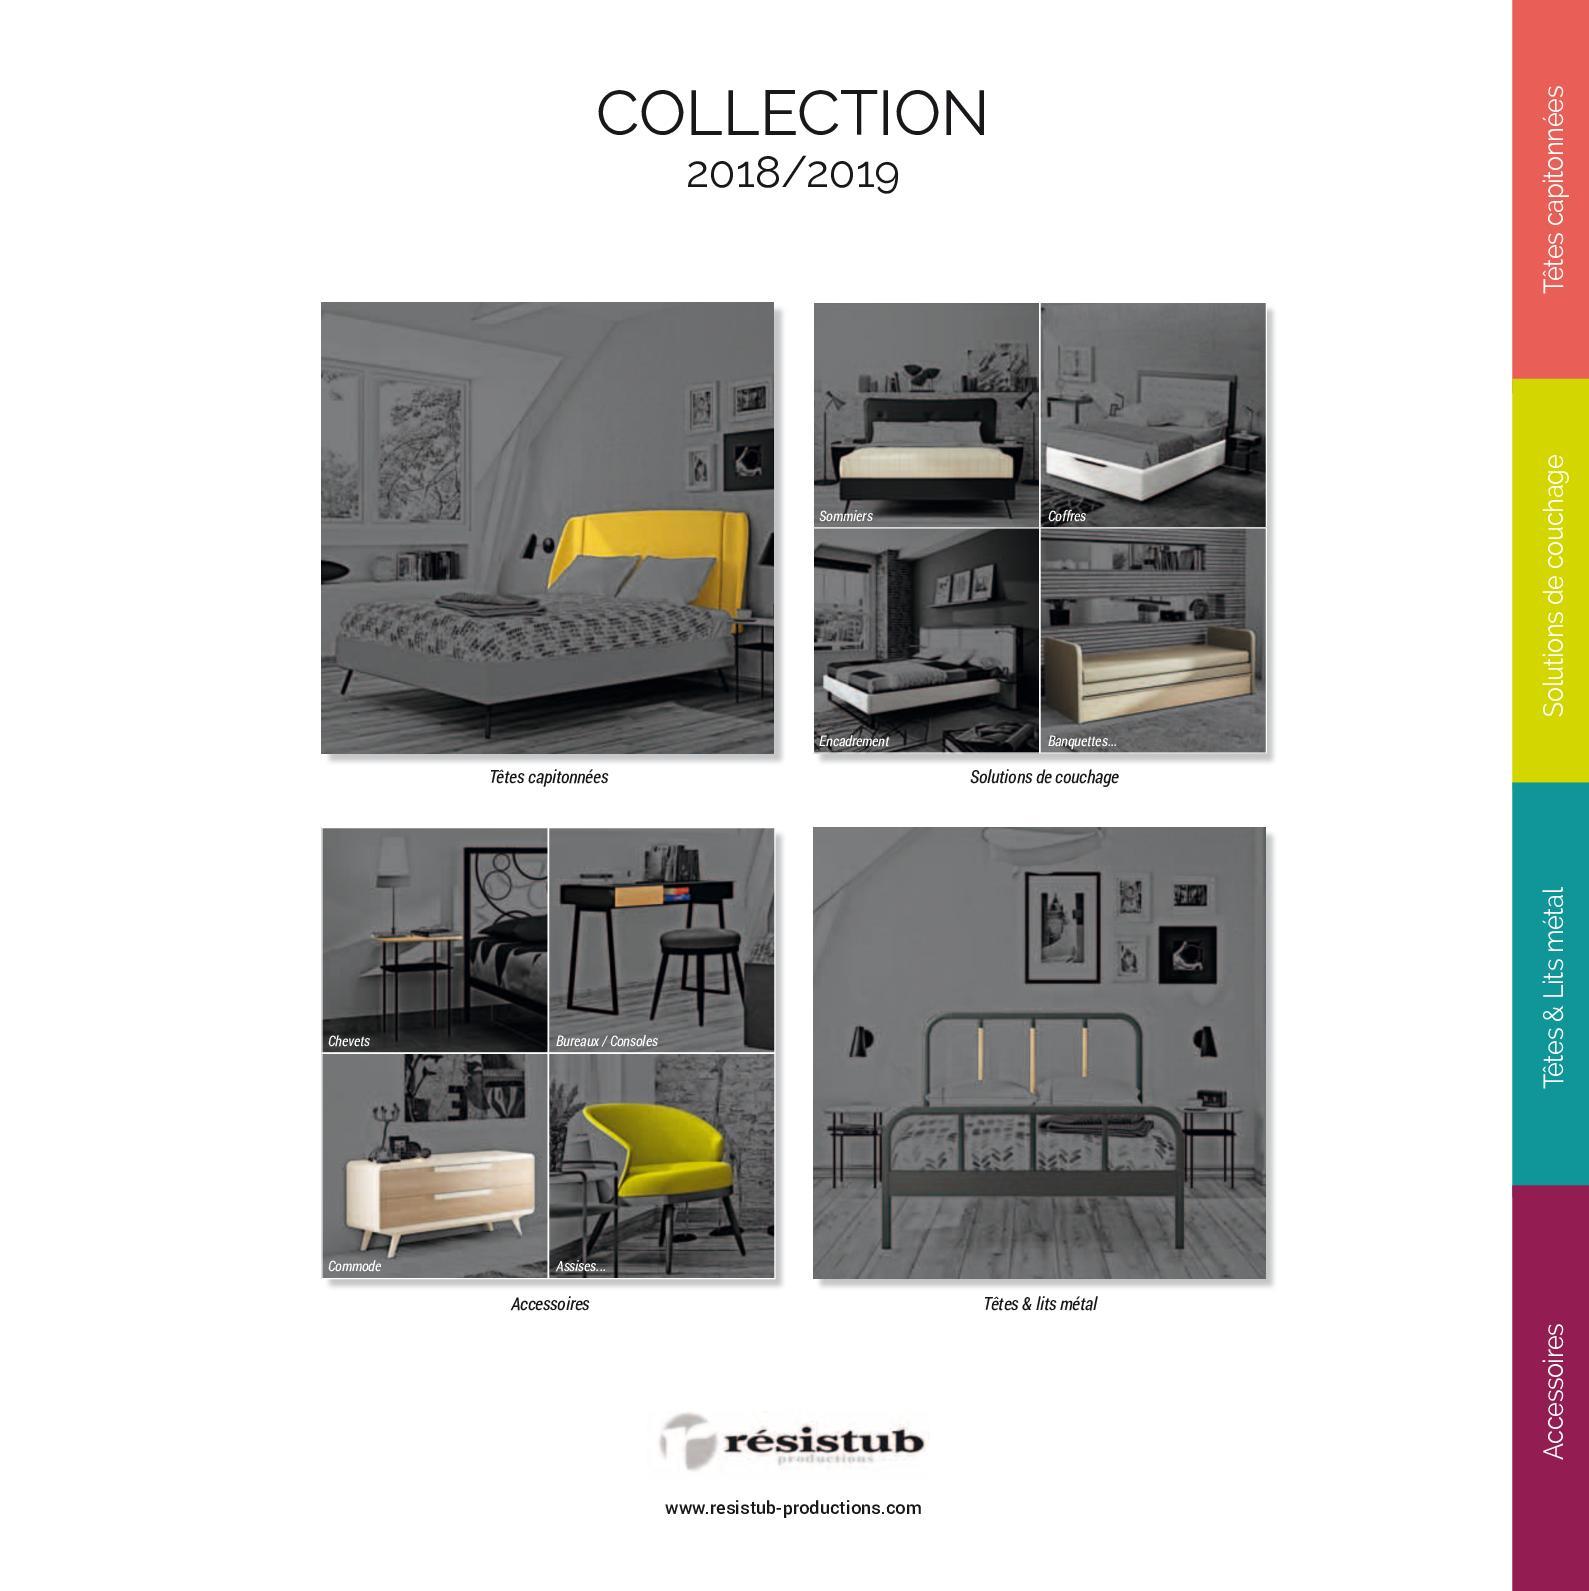 Calameo Resistub Catalogue Resistub Productions 2018